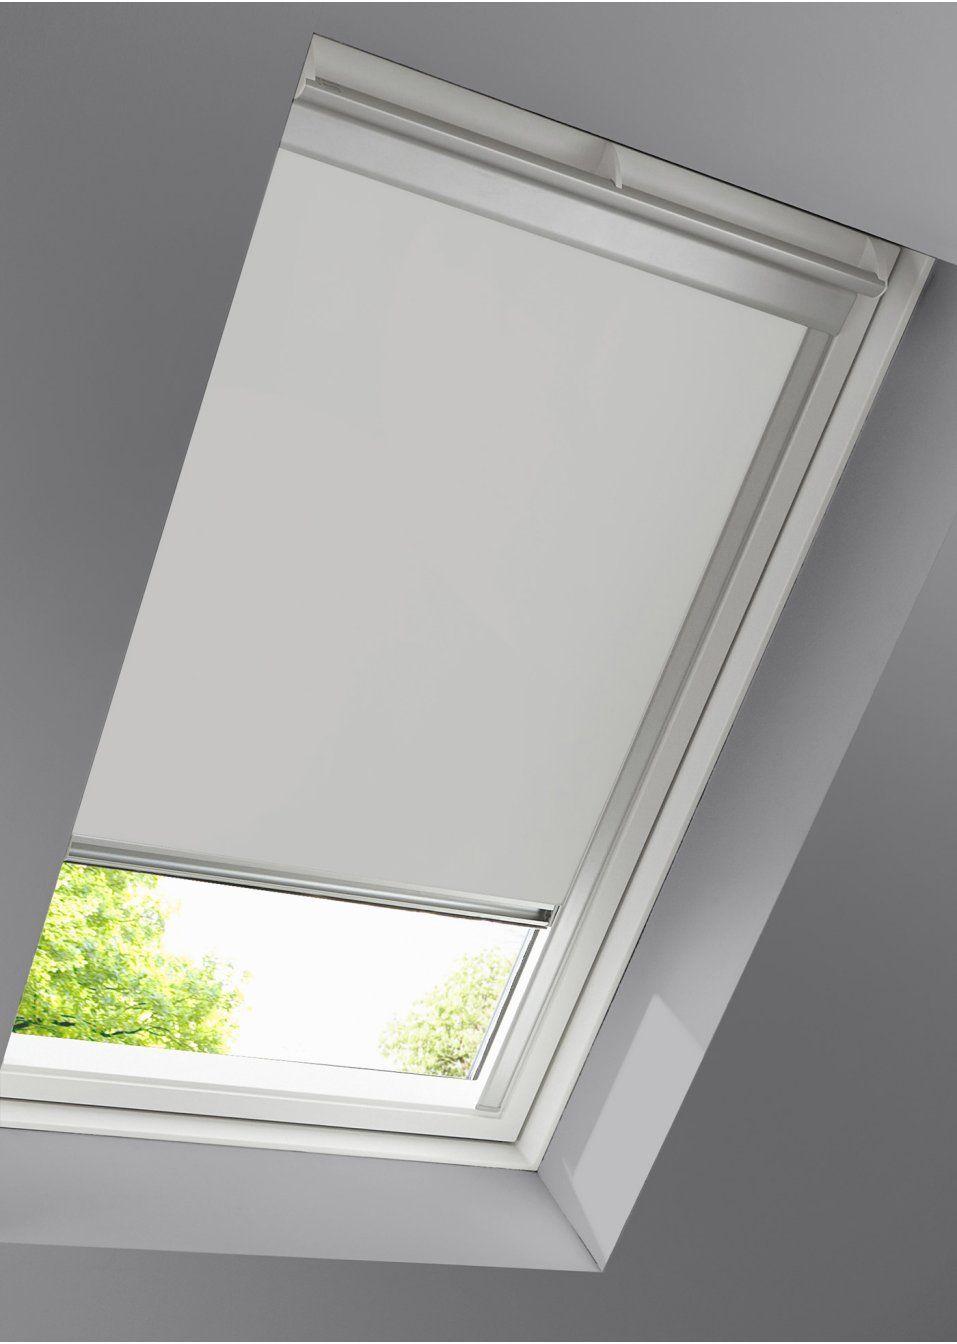 Schlichtes Dachfenster Rollo Zum Verdunkeln Weiss Schiene Dachfenster Rollo Dachfenster Rollo Verdunkelung